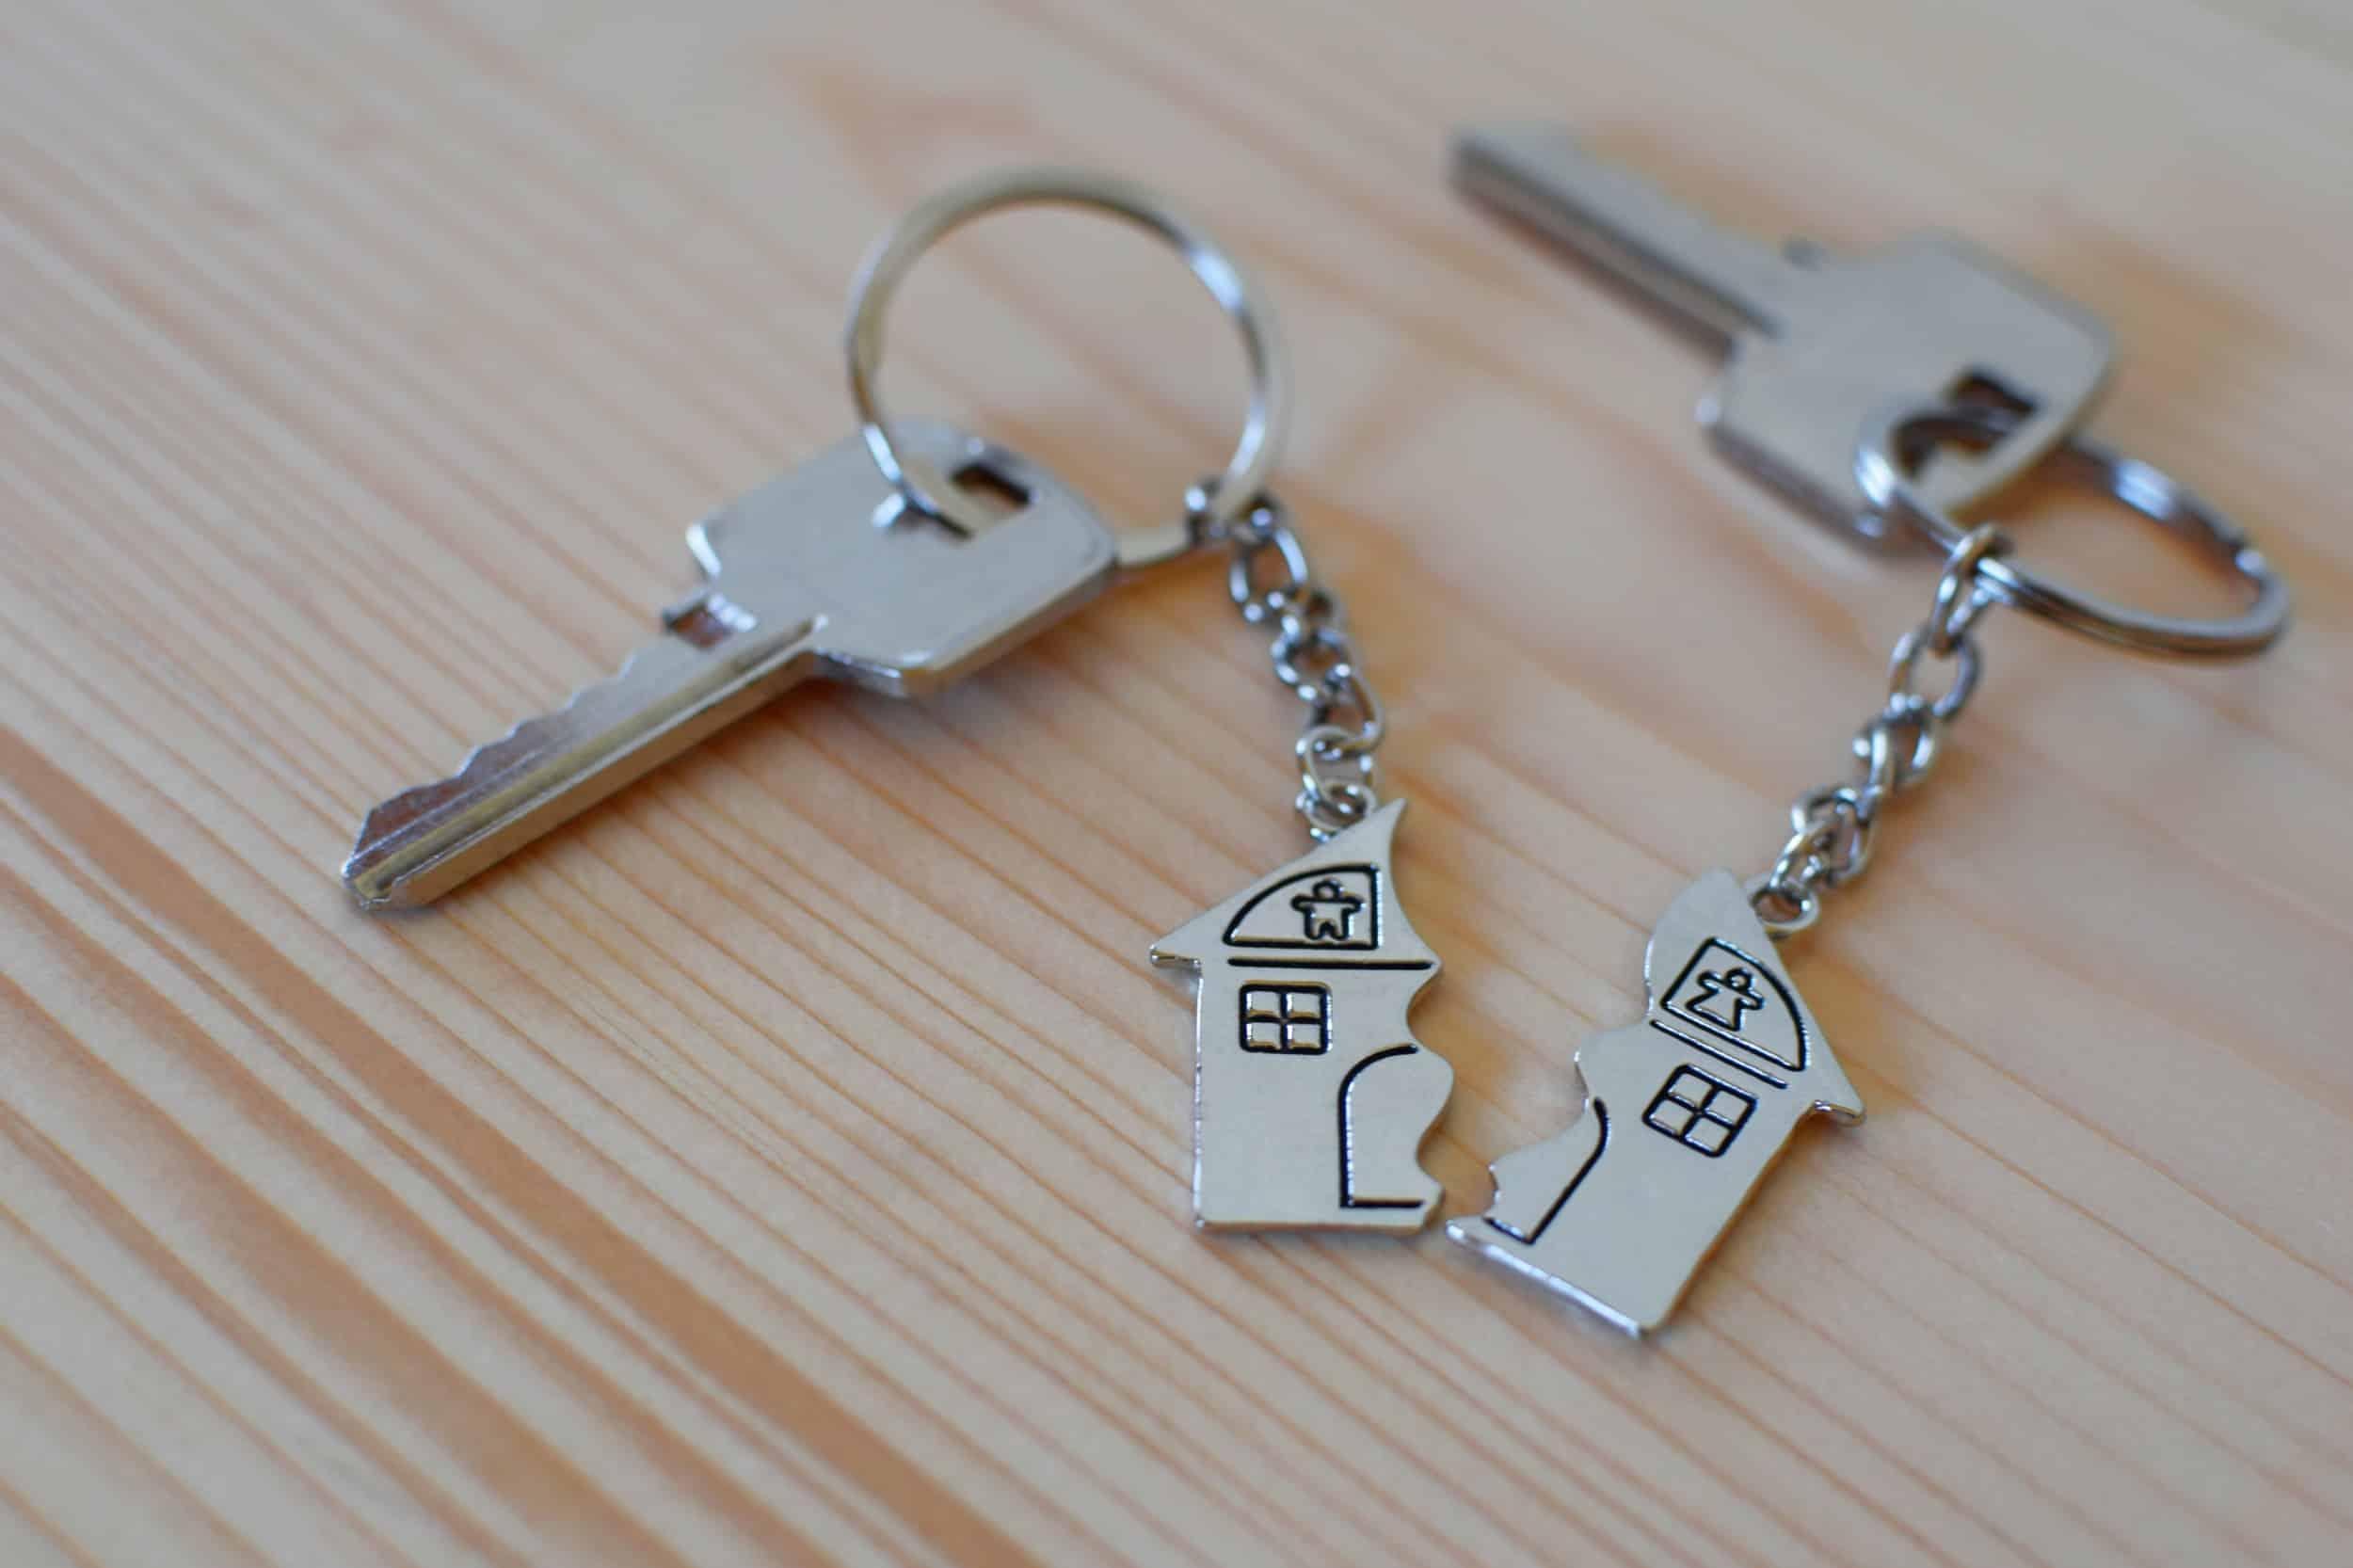 Mannlicher Immobilien: Immobilienverkauf bei Scheidung - darauf sollten Sie achten